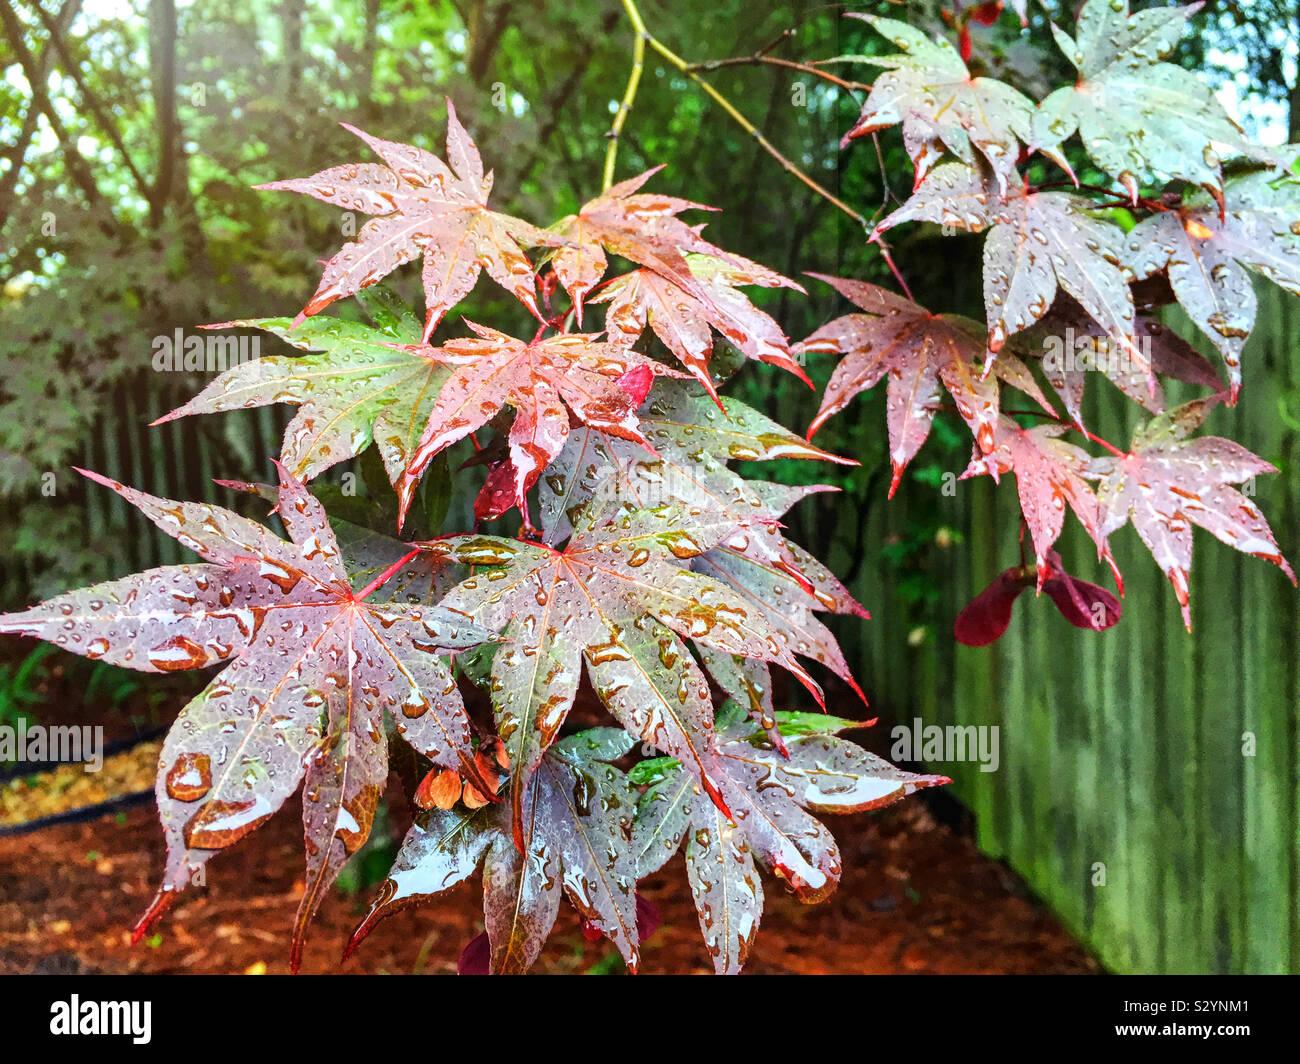 Rouge coloré et feuilles d'érable vertes pendant la saison estivale. Ils sont couverts de gouttes de pluie. Banque D'Images